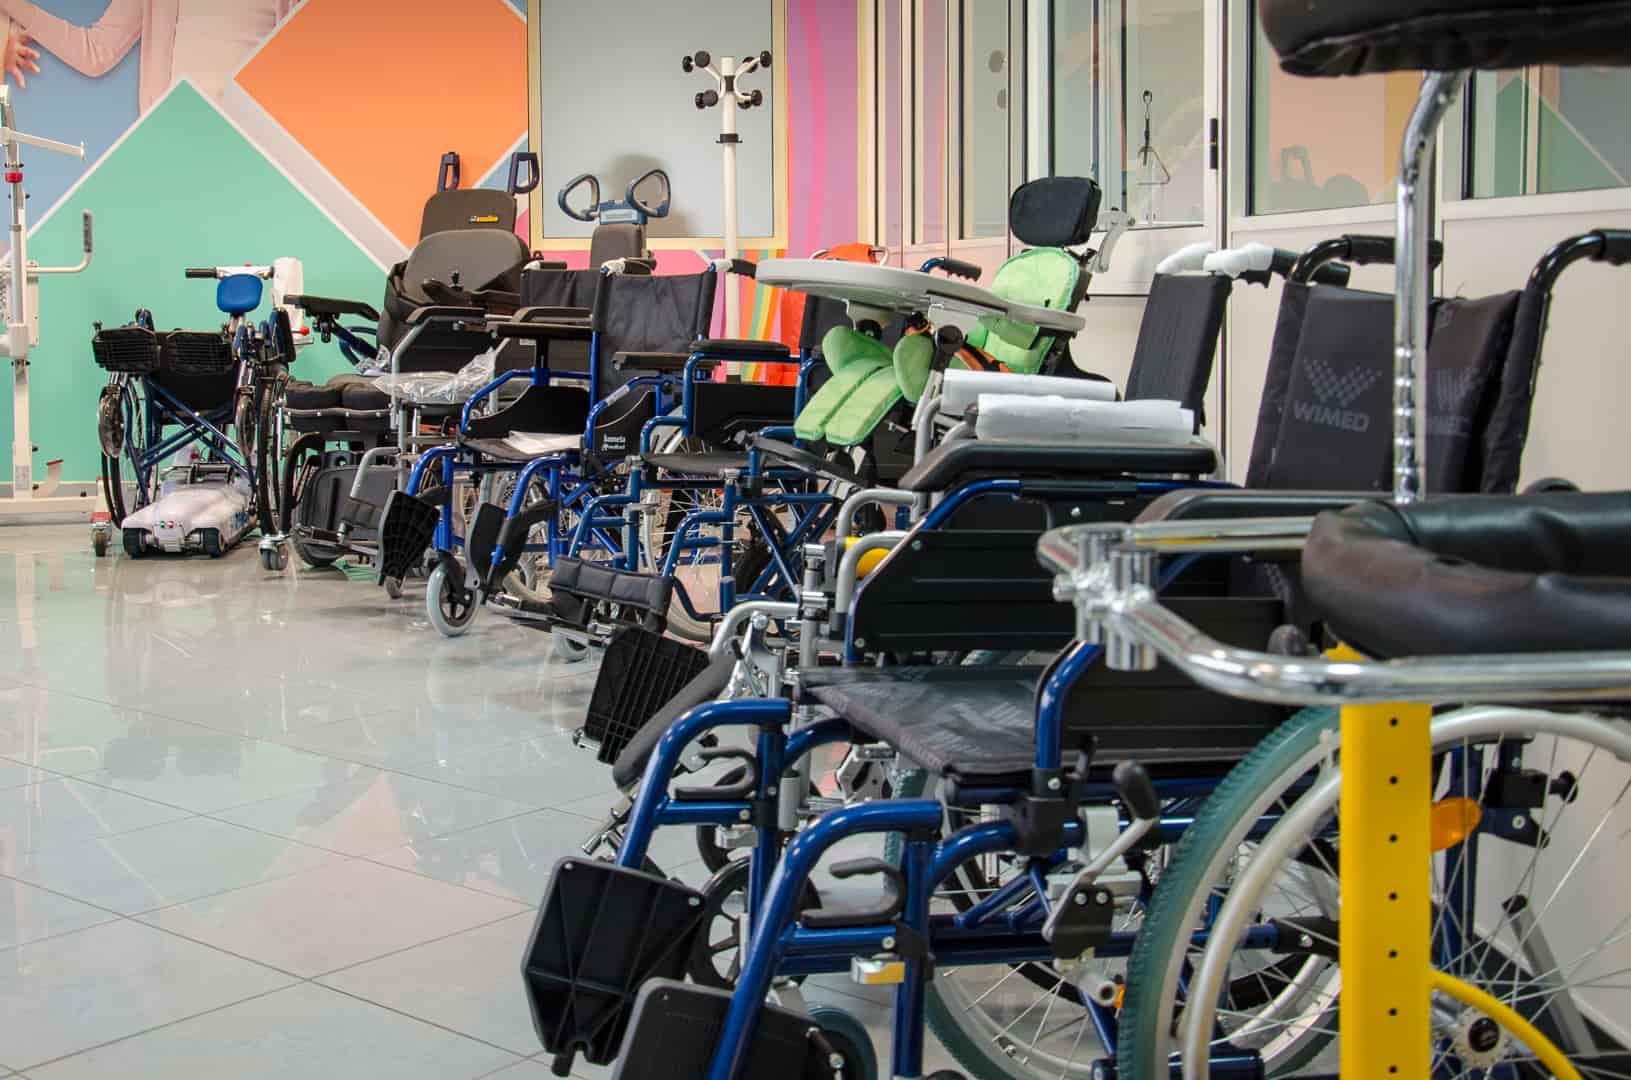 ausili per camminare anziani disabili